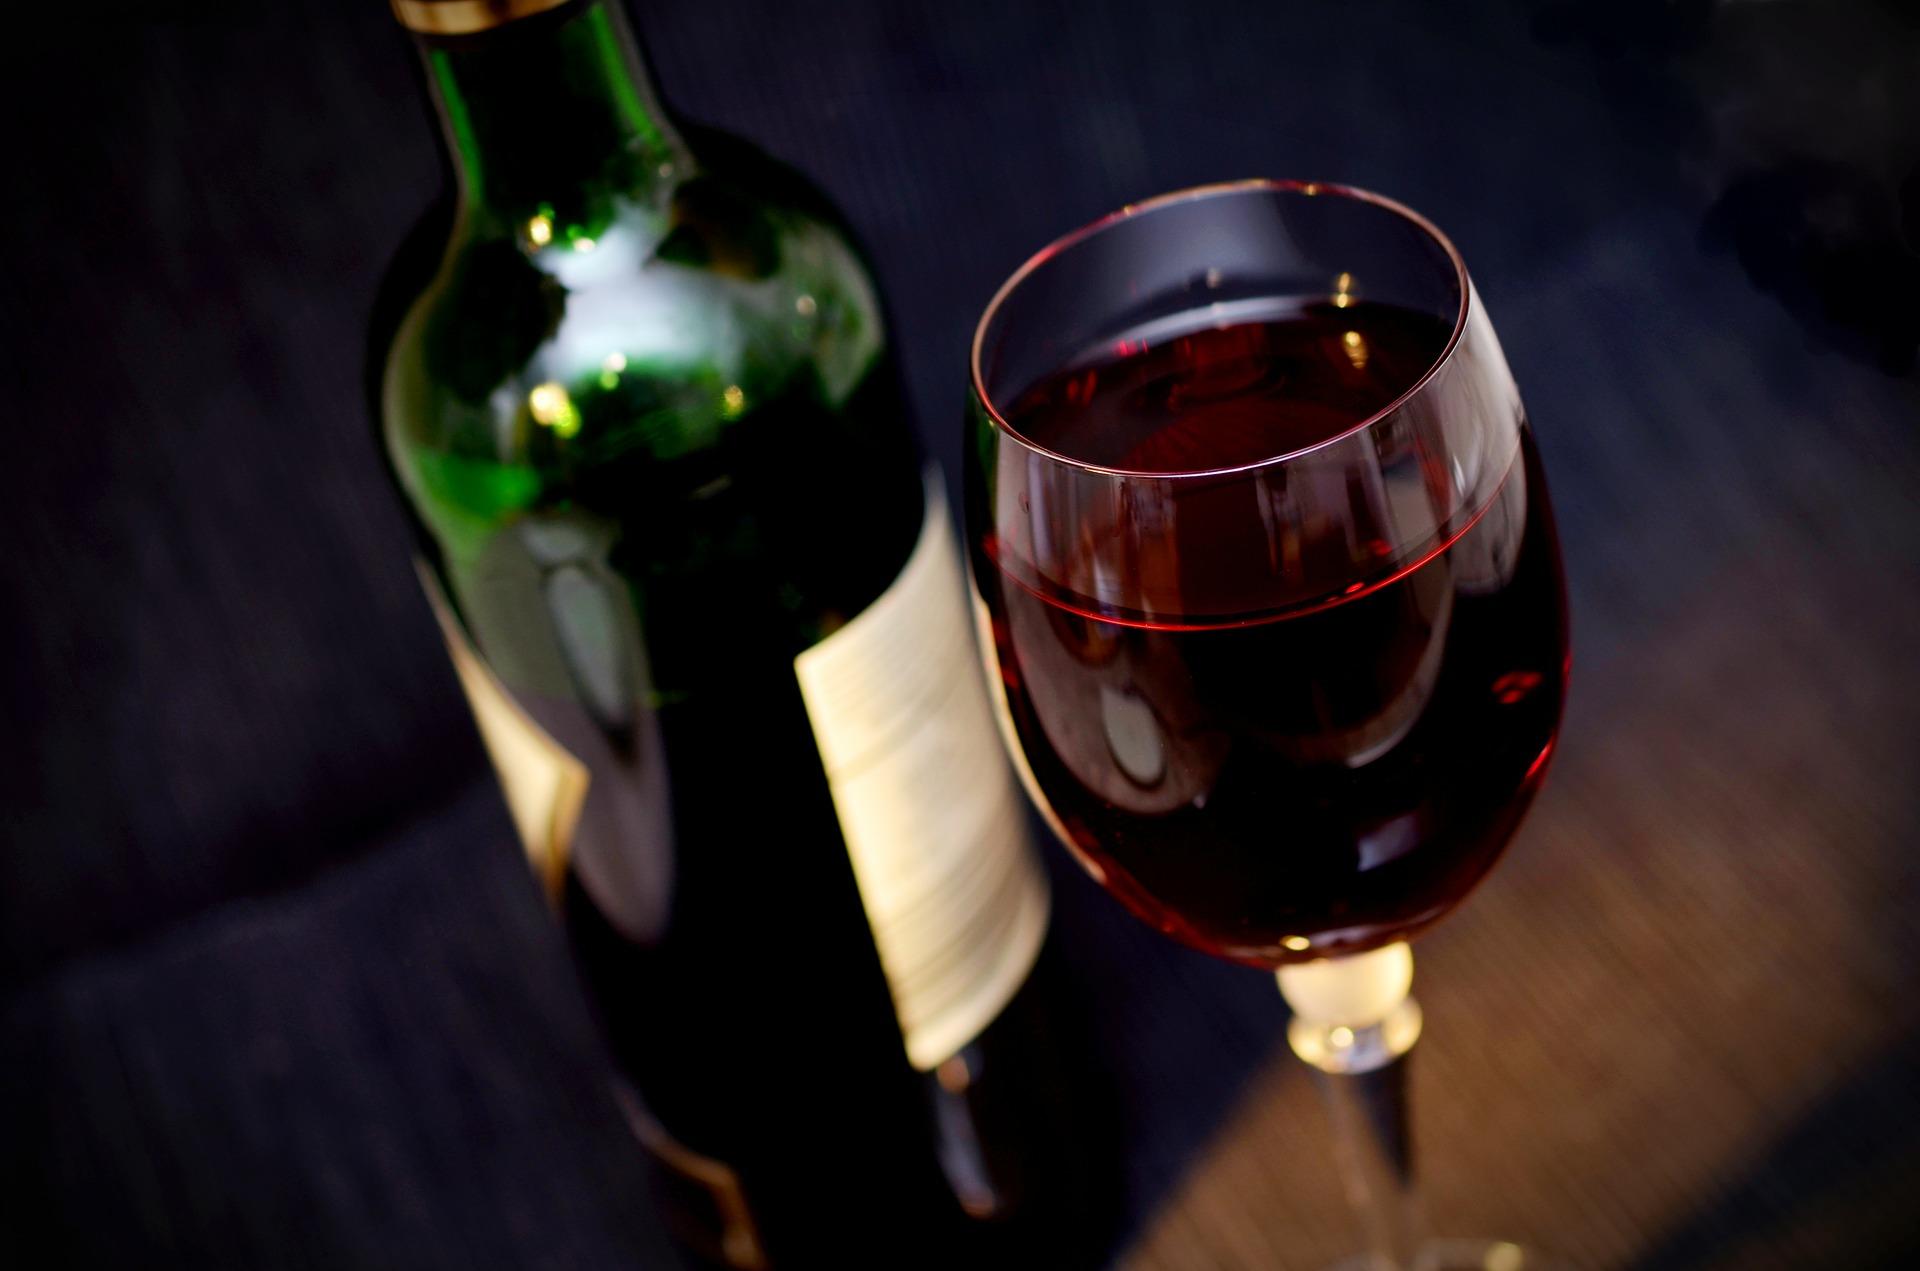 #AdegaEMCASA: projeto leva seleção de vinhos até a sua casa